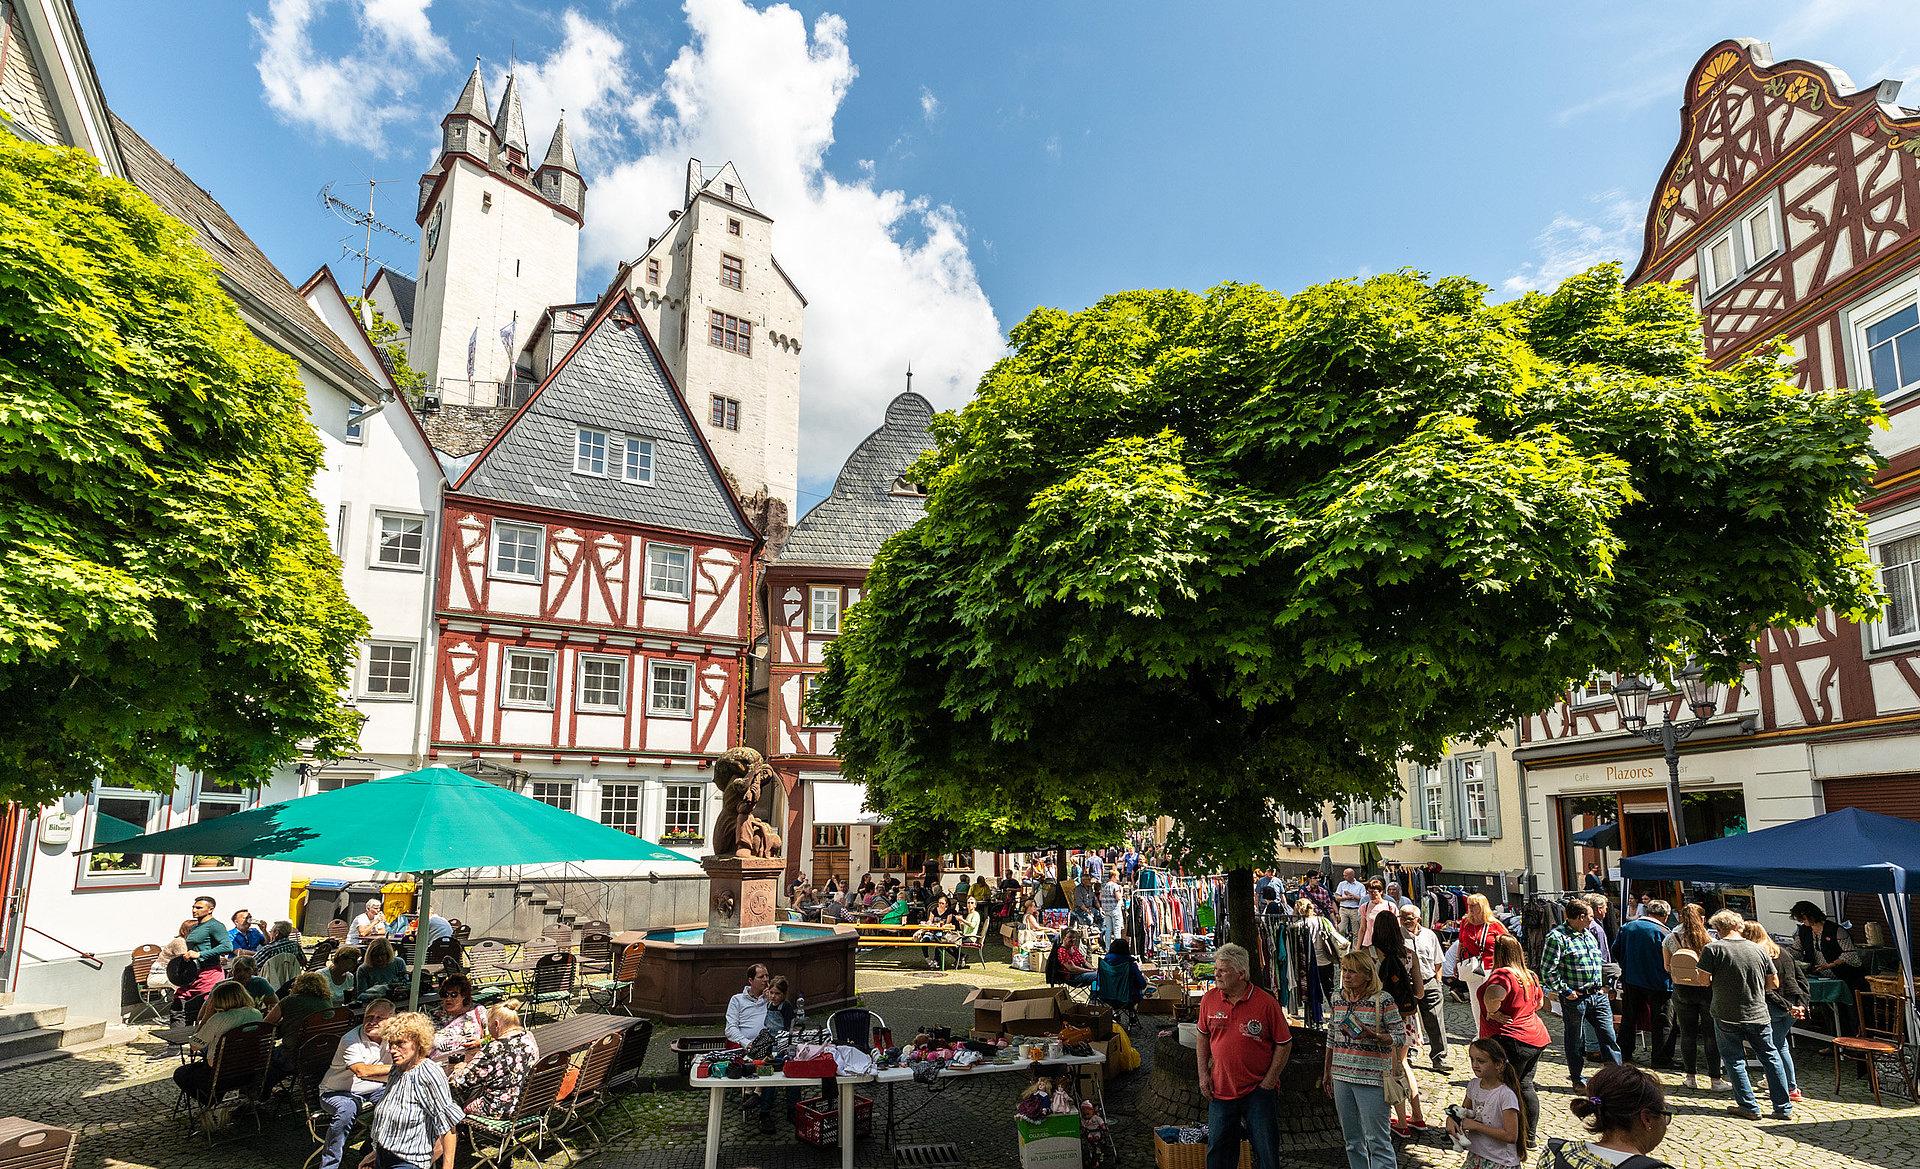 Flohmarkt in der Diezer Altstadt, Lahntal